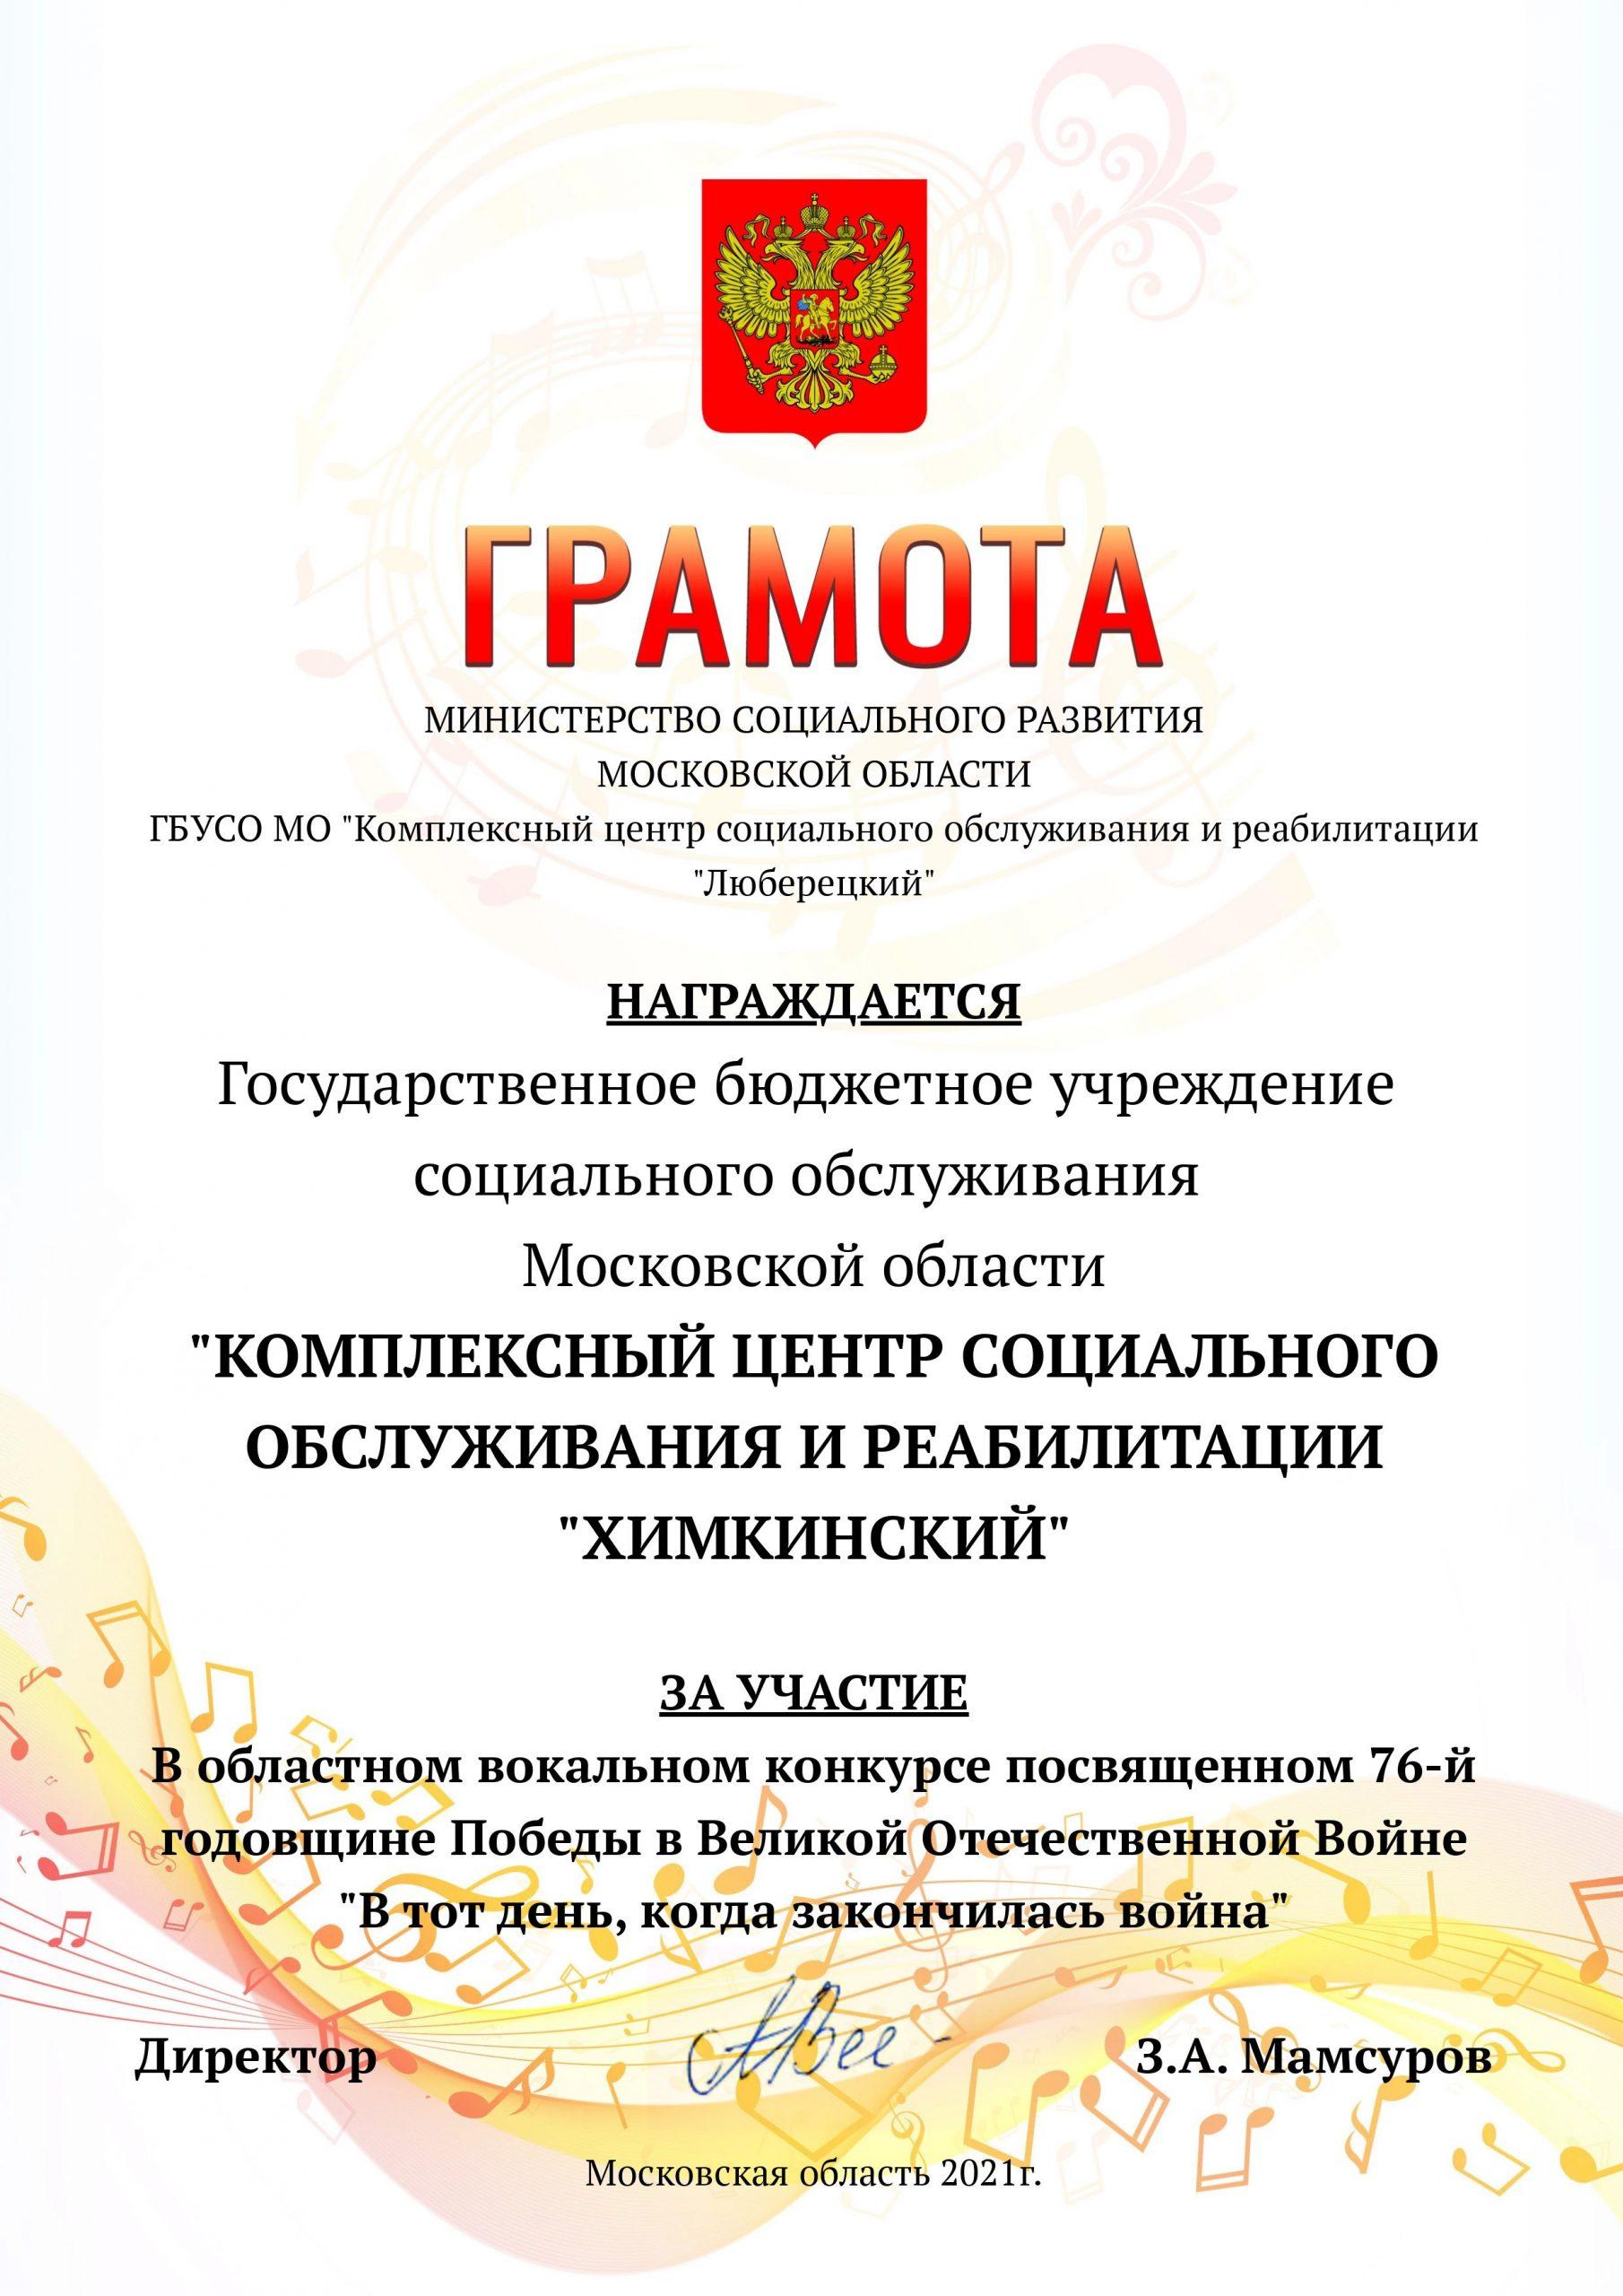 Химкинский